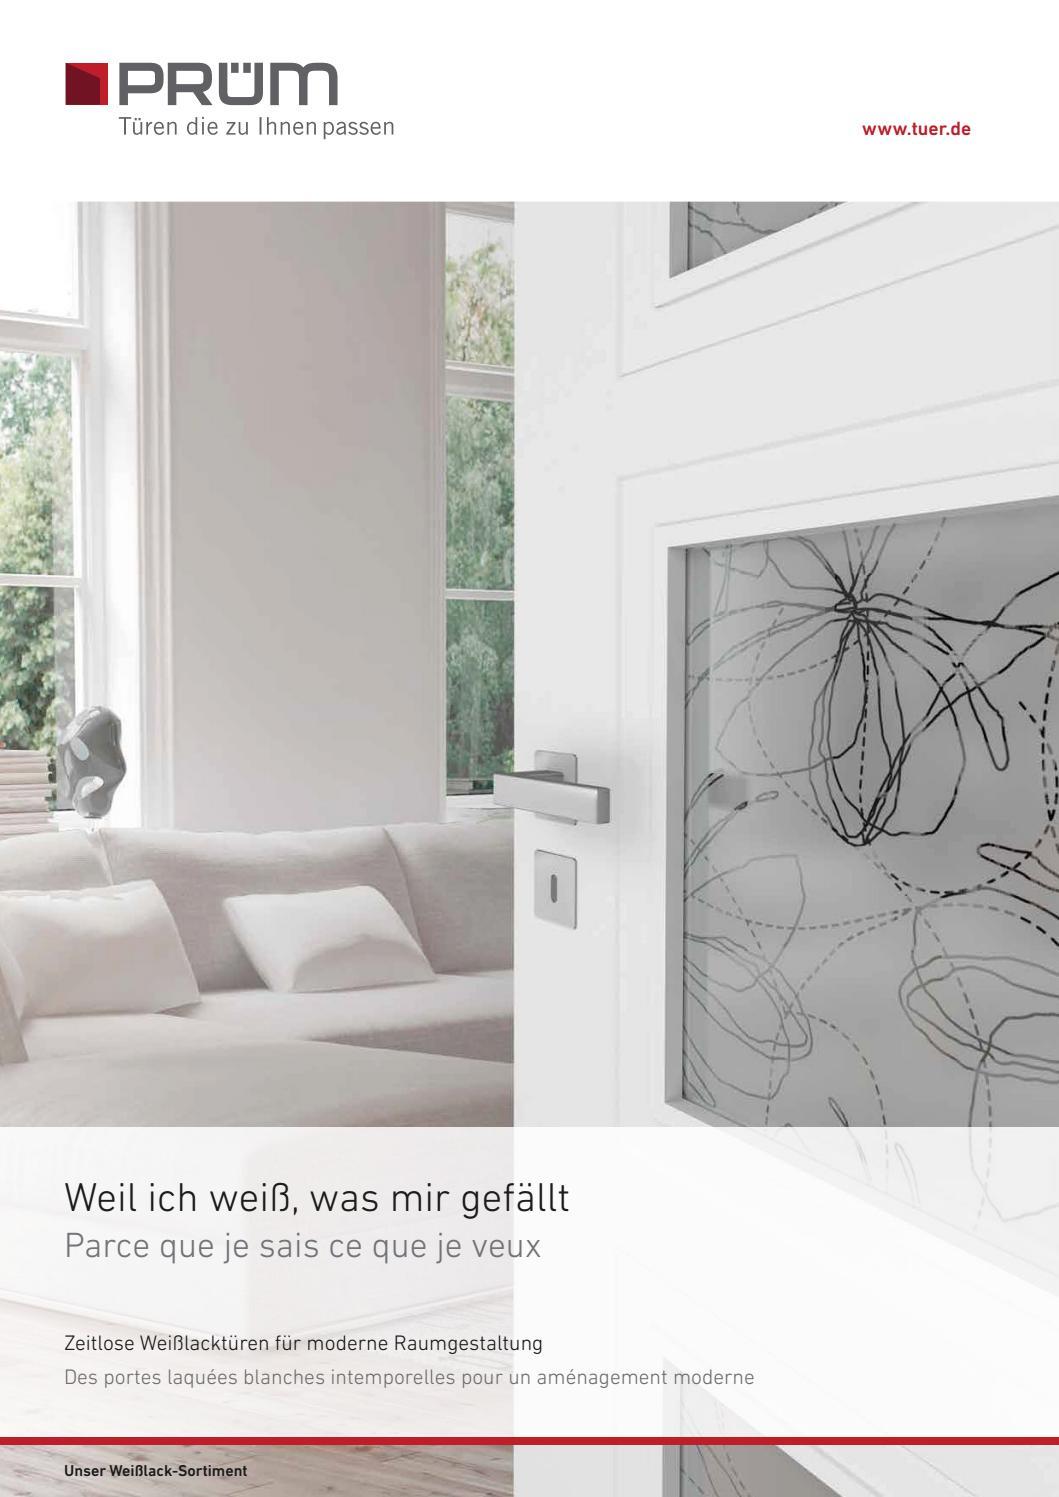 Großzügig Konzertina Meme Bilder - Elektrische Schaltplan-Ideen ...